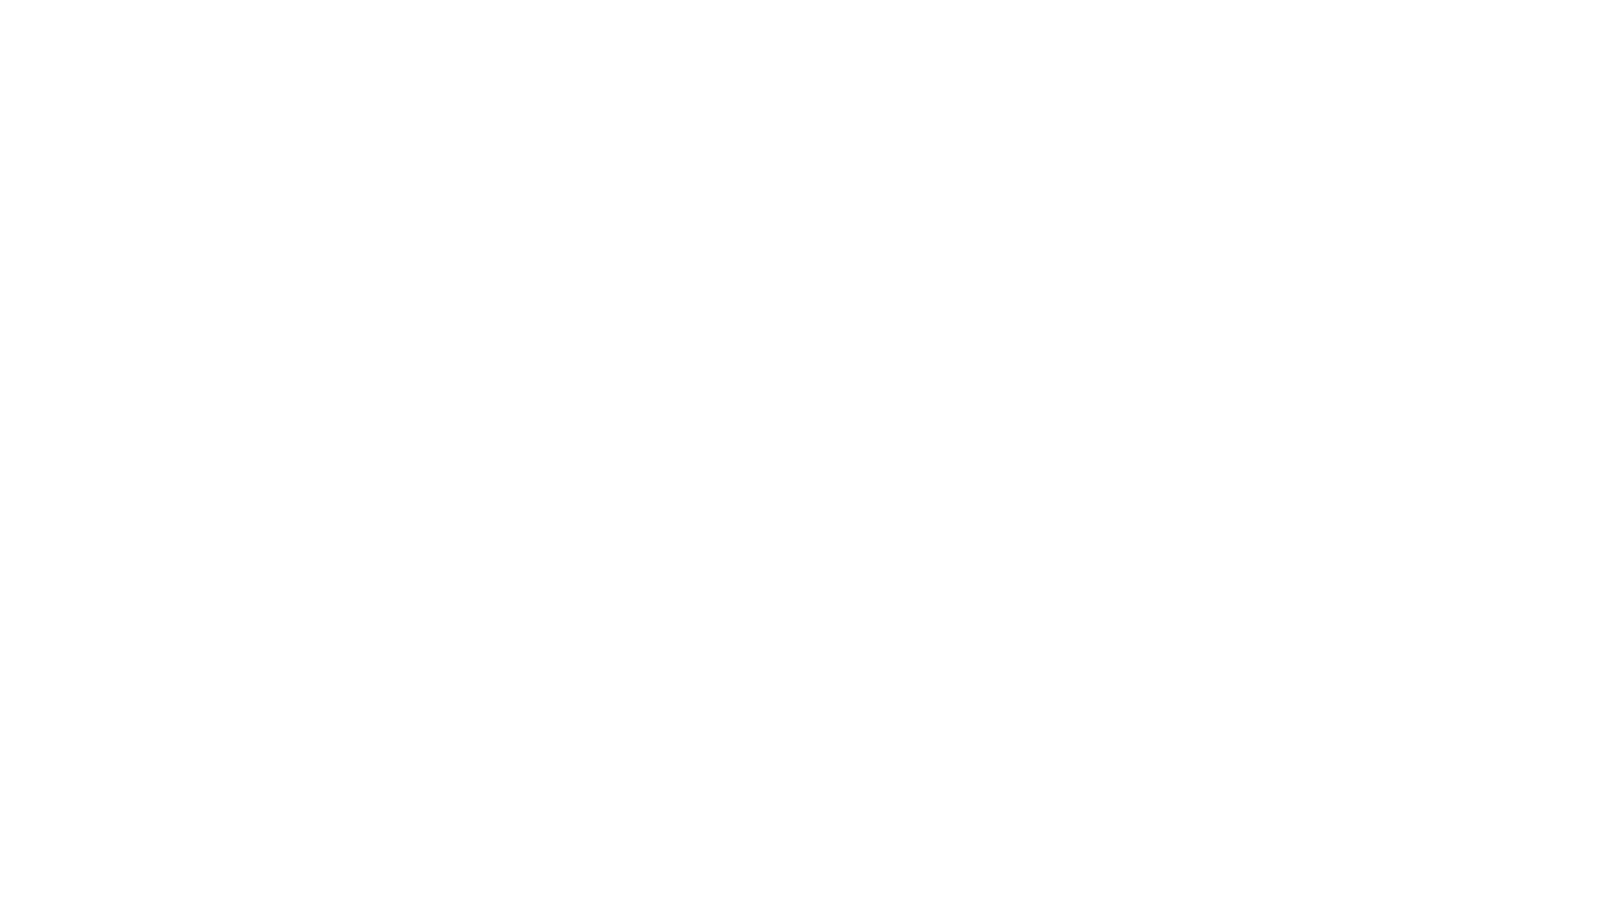 Este video muestra rápidamente, la configuración y uso del software en modo pre-venta. Teclas rápidas utilizadas. Ctrol+F4: visualiza las pre-ventas tecla + : muestra los productos incluidos en la venta. Enter: Carga la venta seleccionada. F5: ingreso del pago. Enter = facturar.